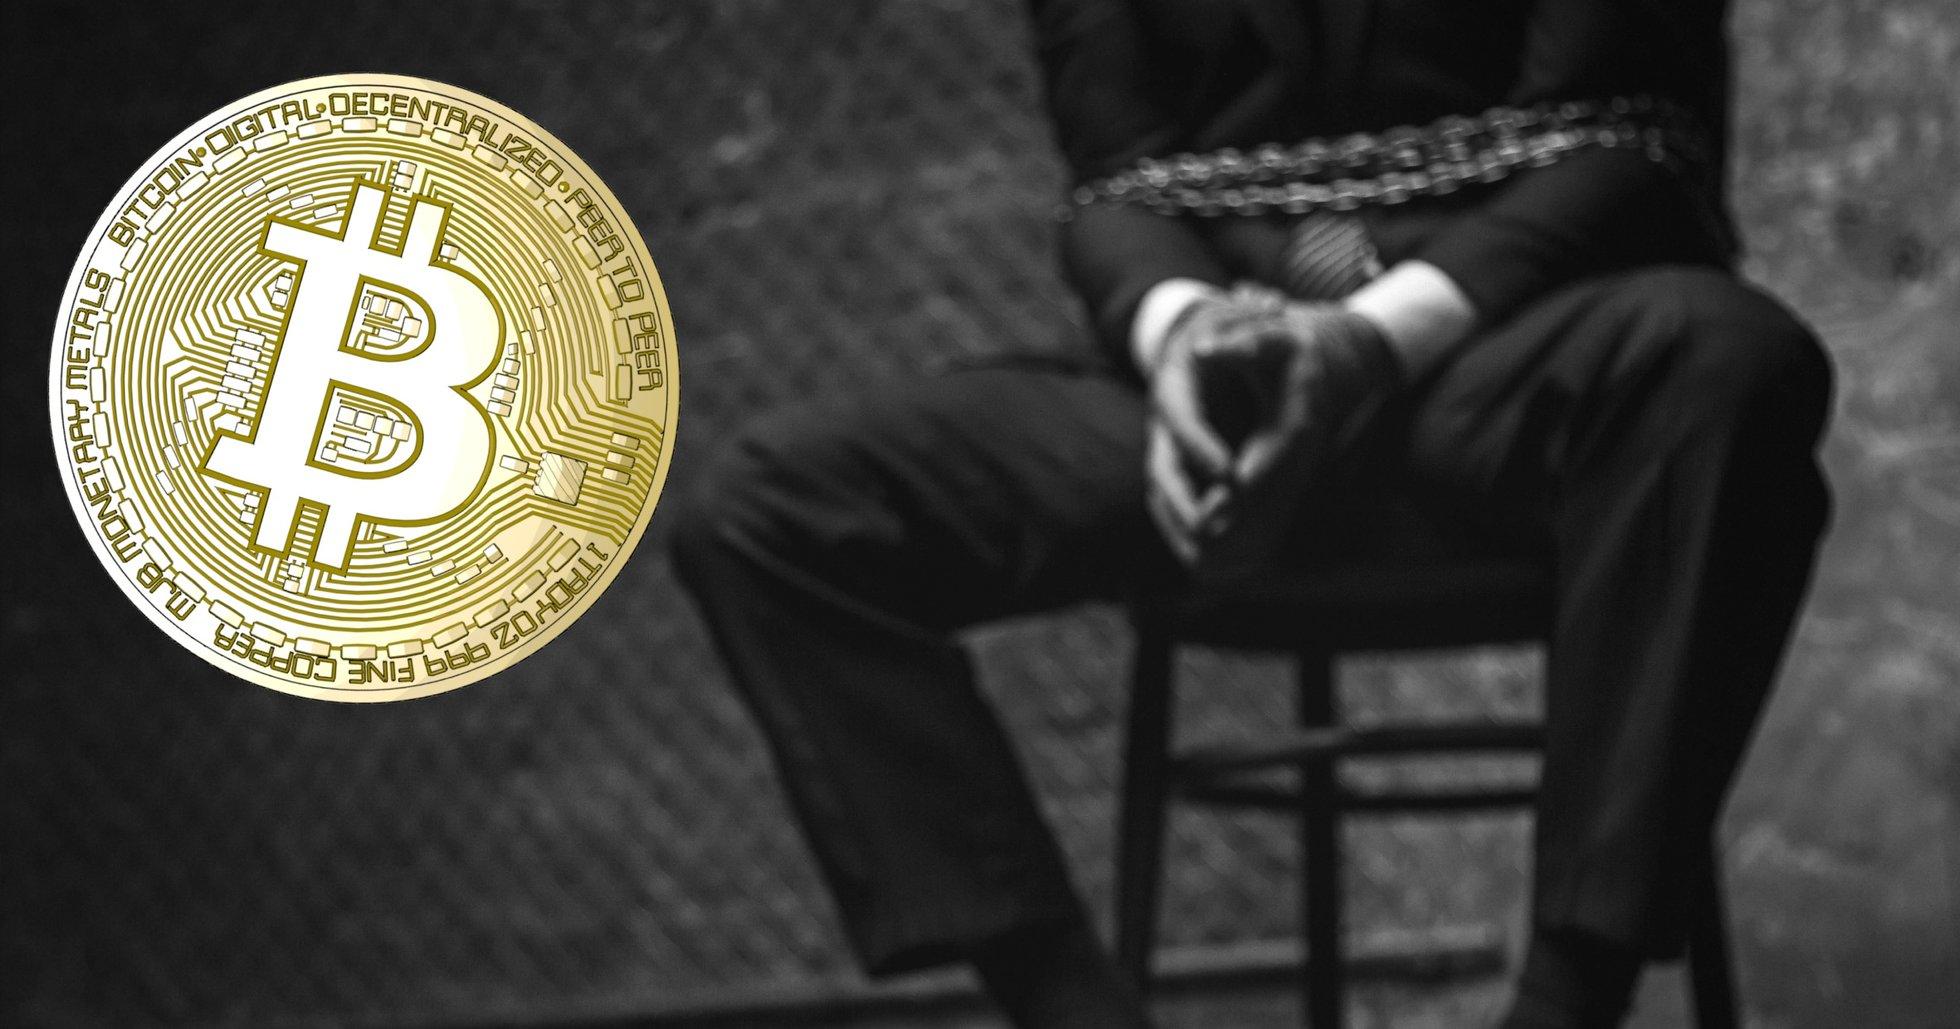 Kryptokonsult kidnappad i Thailand – förövarna krävde lösensumma i bitcoin